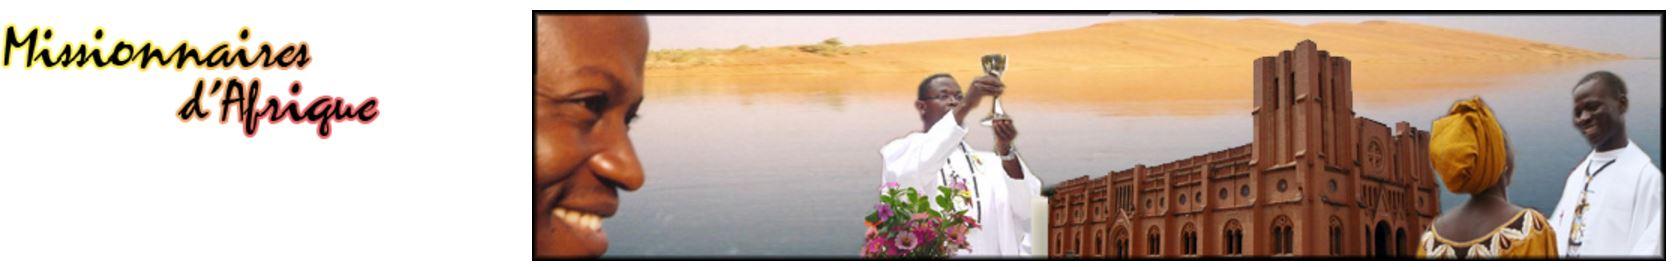 Missionnaires d'Afrique de l'Ouest